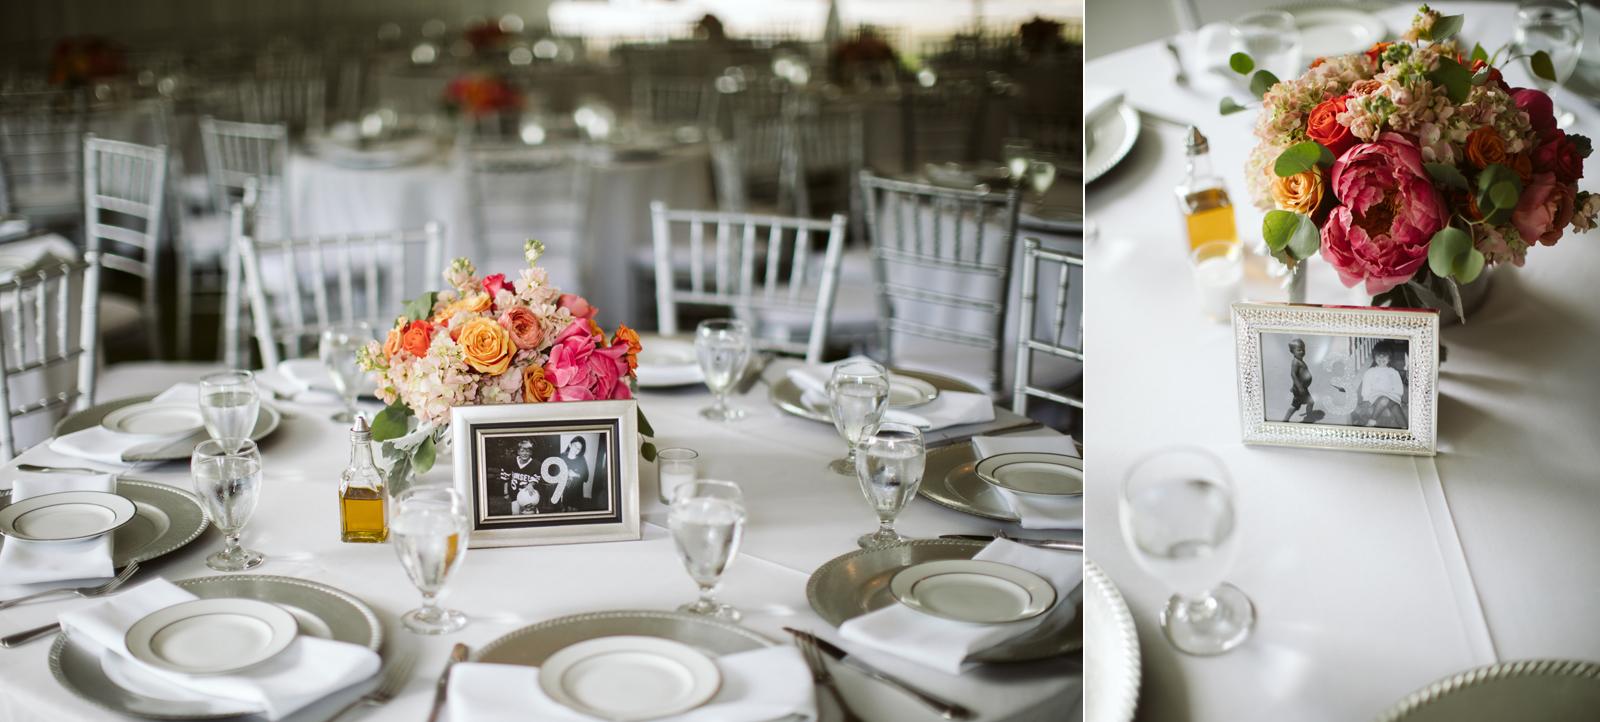 056-daronjackson-gabby-alec-wedding.jpg